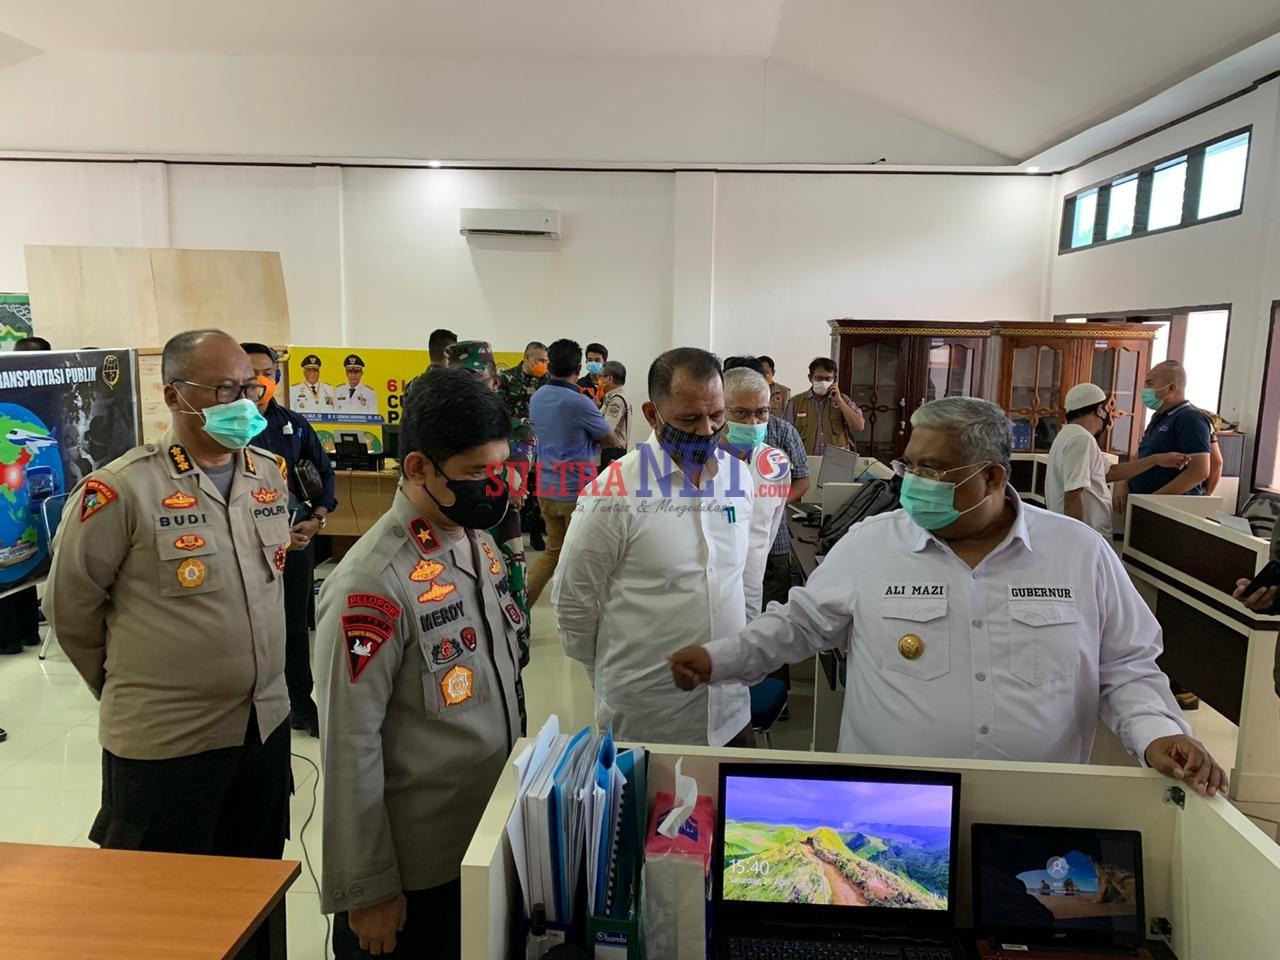 Gubernur Ali Mazi didampingi Kapolda Sultra usai menggelar rapat Pembentukan Panitia HUT Sultra